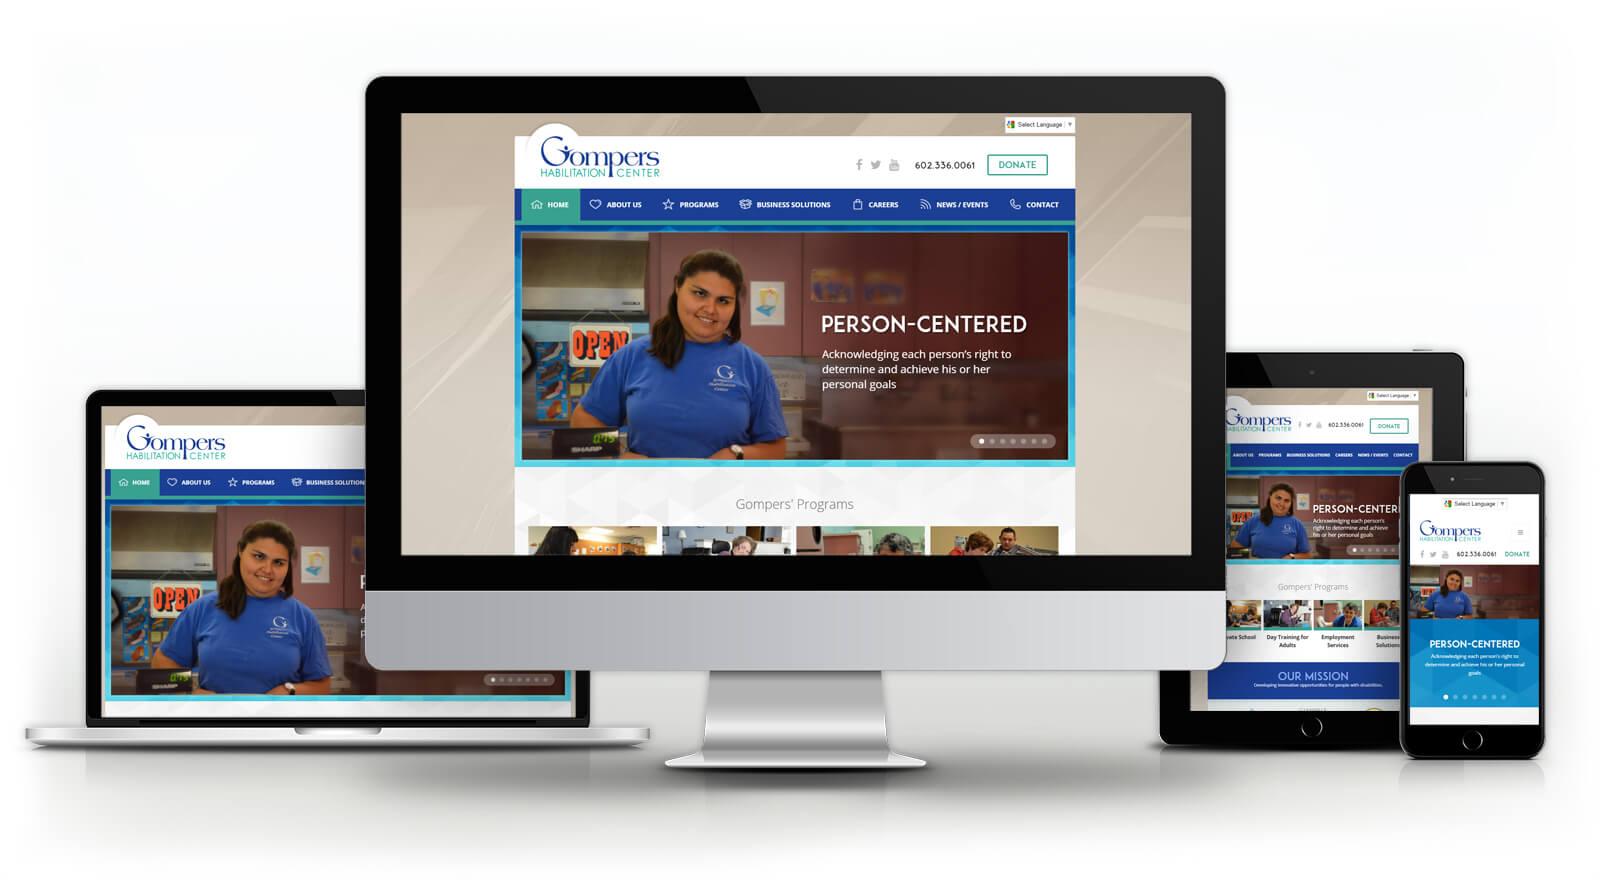 Gompers Habilitation Center - Website